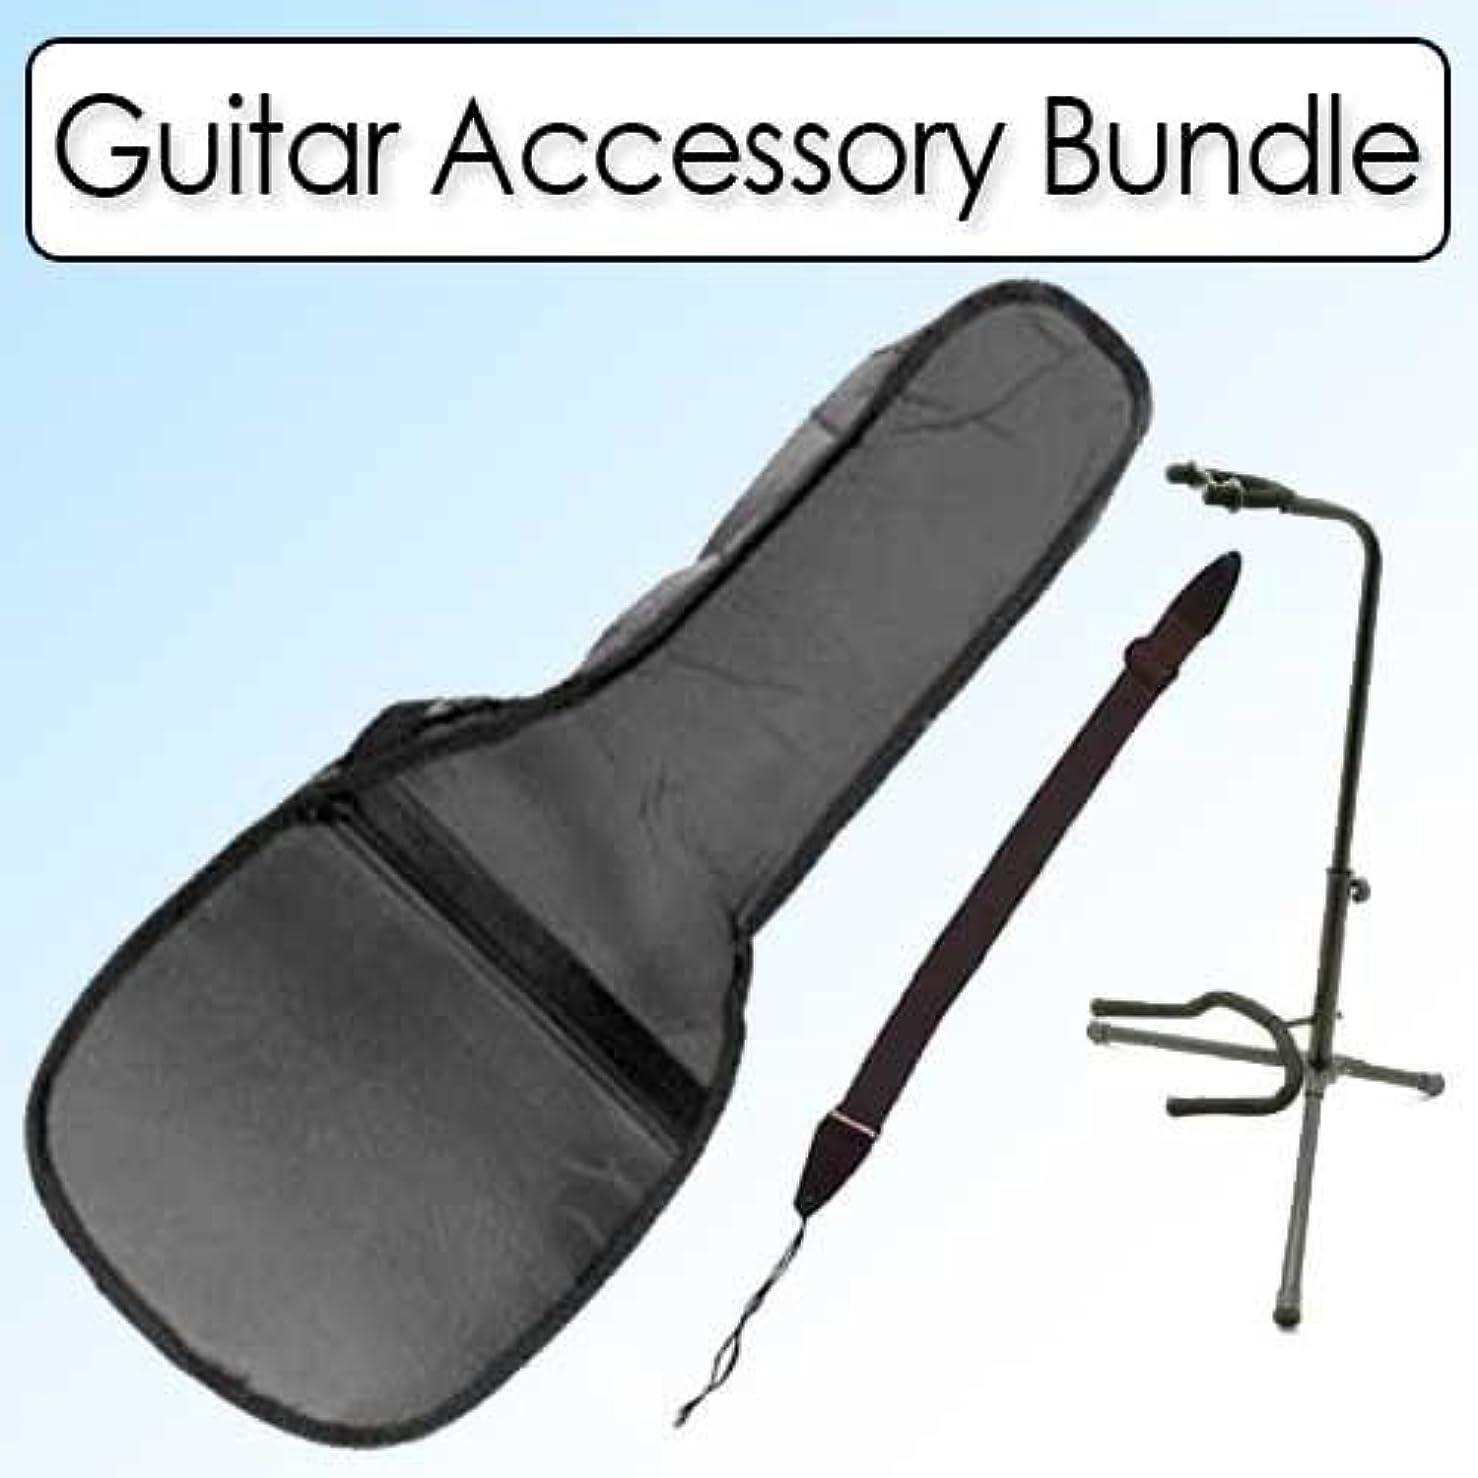 容赦ない魅了する補正On Stage GBA-4550 アコースティックギター Bag & Accessory Outfit アコースティックギター アコギ ギター (並行輸入)